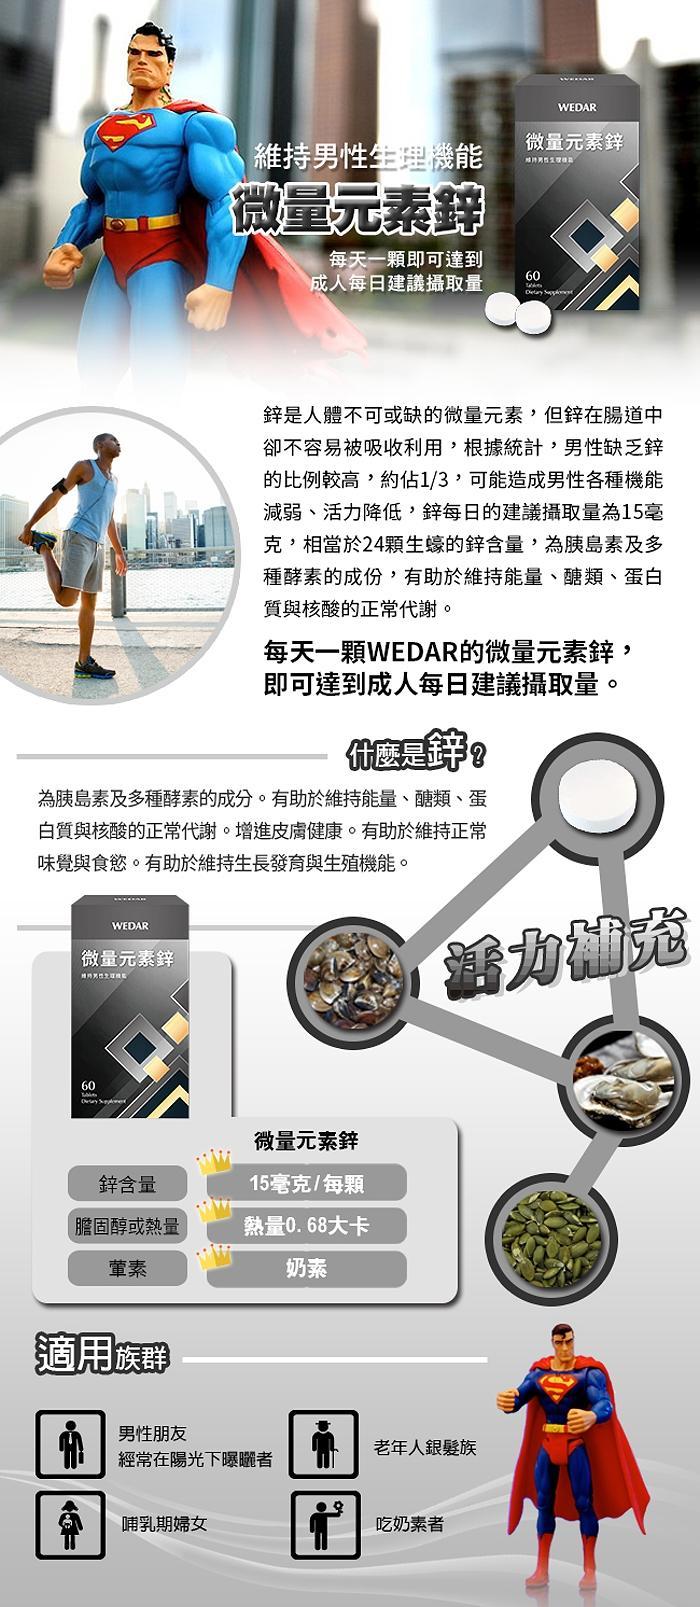 WEDAR薇達-微量元素鋅(60錠_60天份)產品資訊